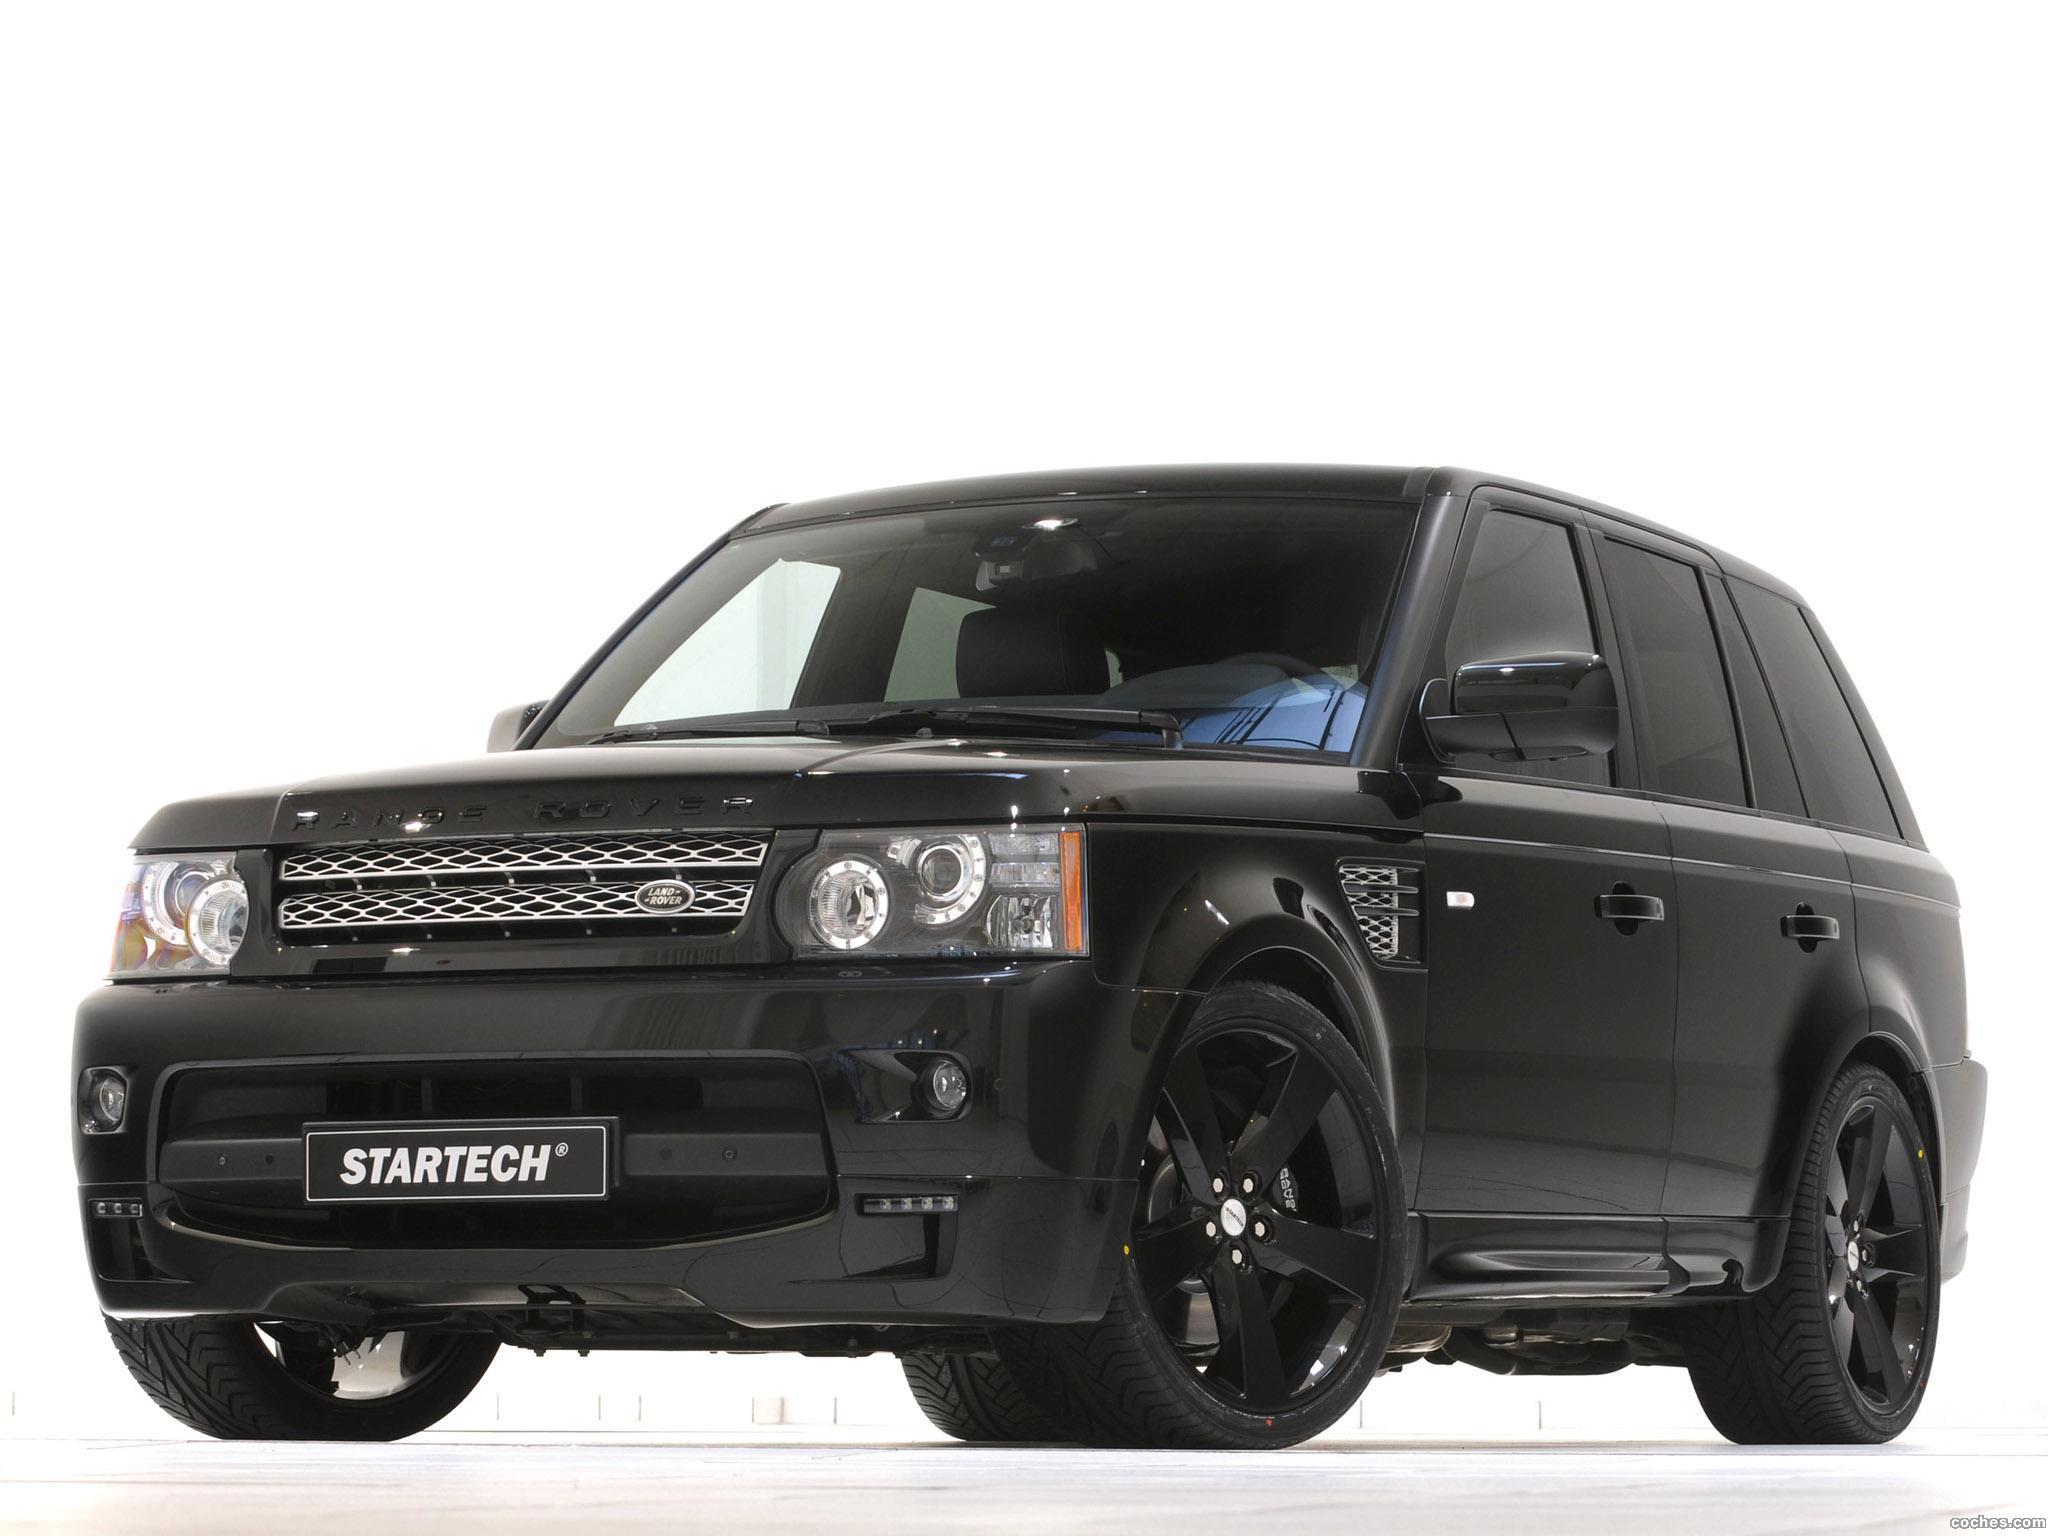 Foto 0 de StarTech Land Rover Range Rover 2010